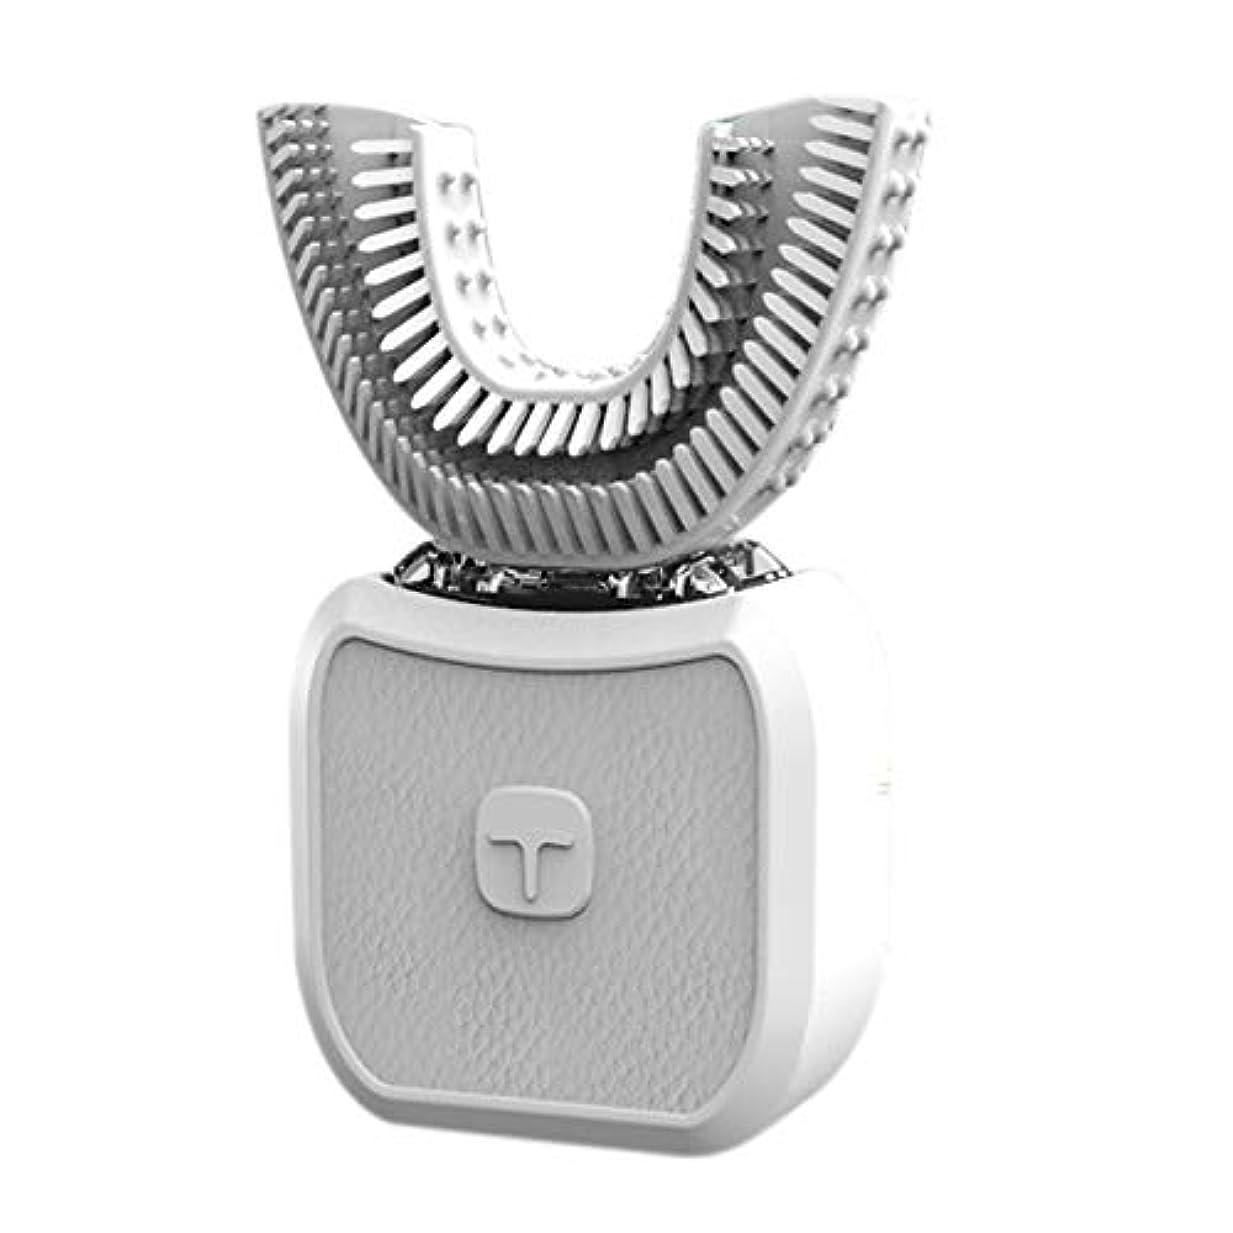 苦味ジャズリゾートフルオートマチック可変周波数電動歯ブラシ、自動360度U字型電動歯ブラシ、ワイヤレス充電IPX7防水自動歯ブラシ(大人用),White